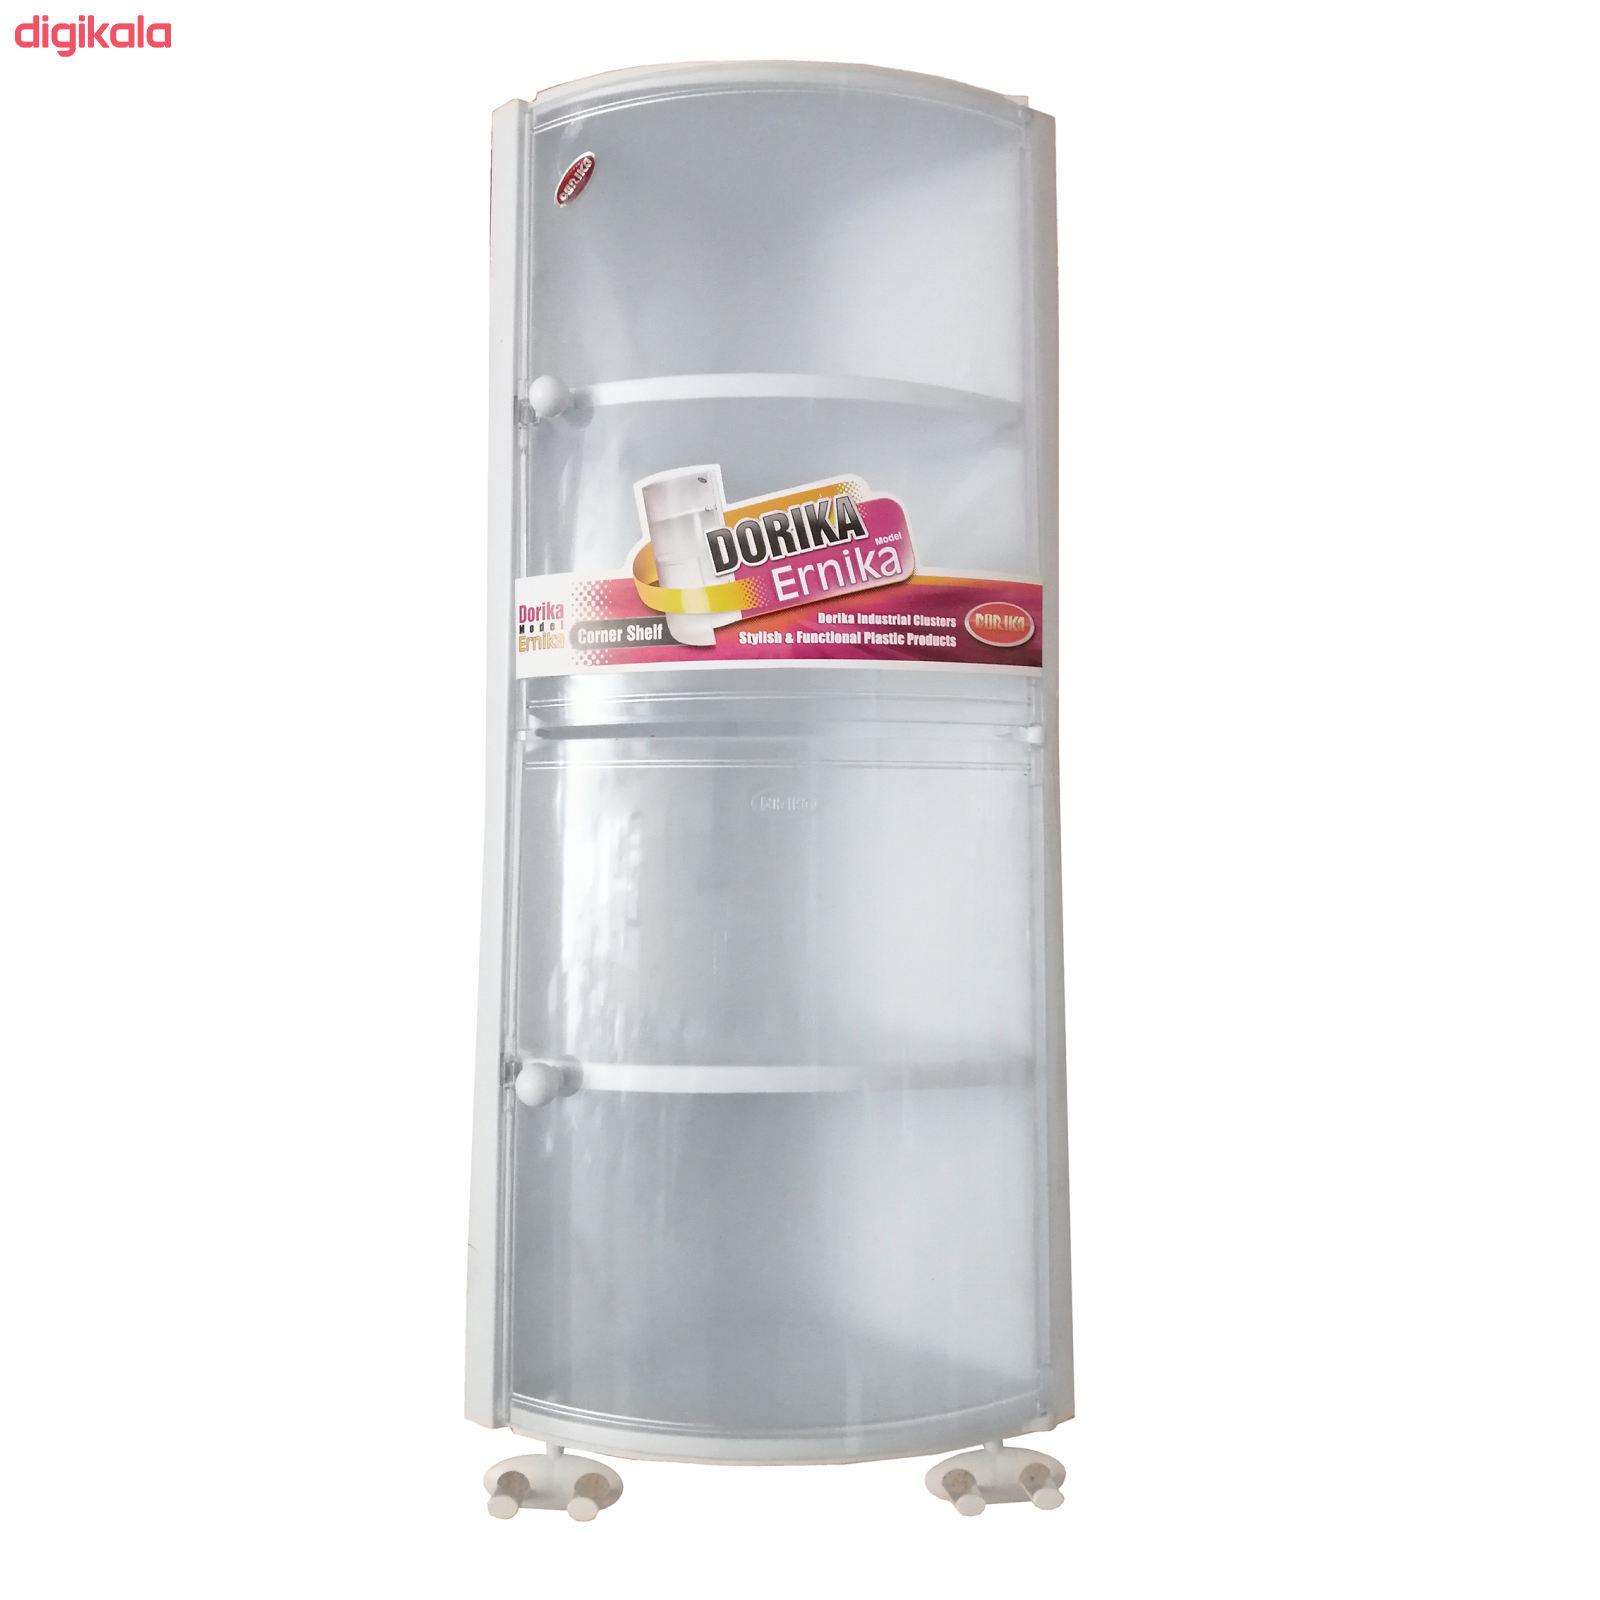 قفسه حمام دوریکا مدل ارنیکا کد 18 main 1 1